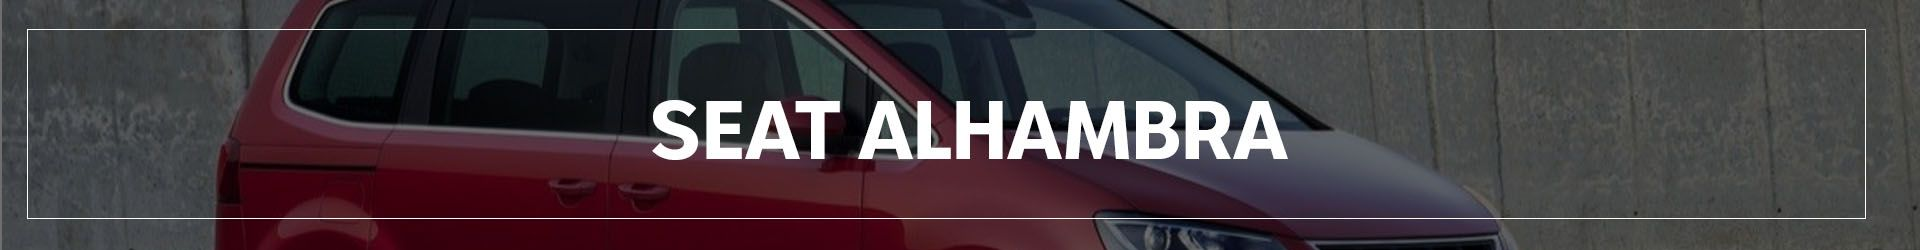 SEAT ALHAMBRA   Automocion Terry Concesionario SEAT Cadiz